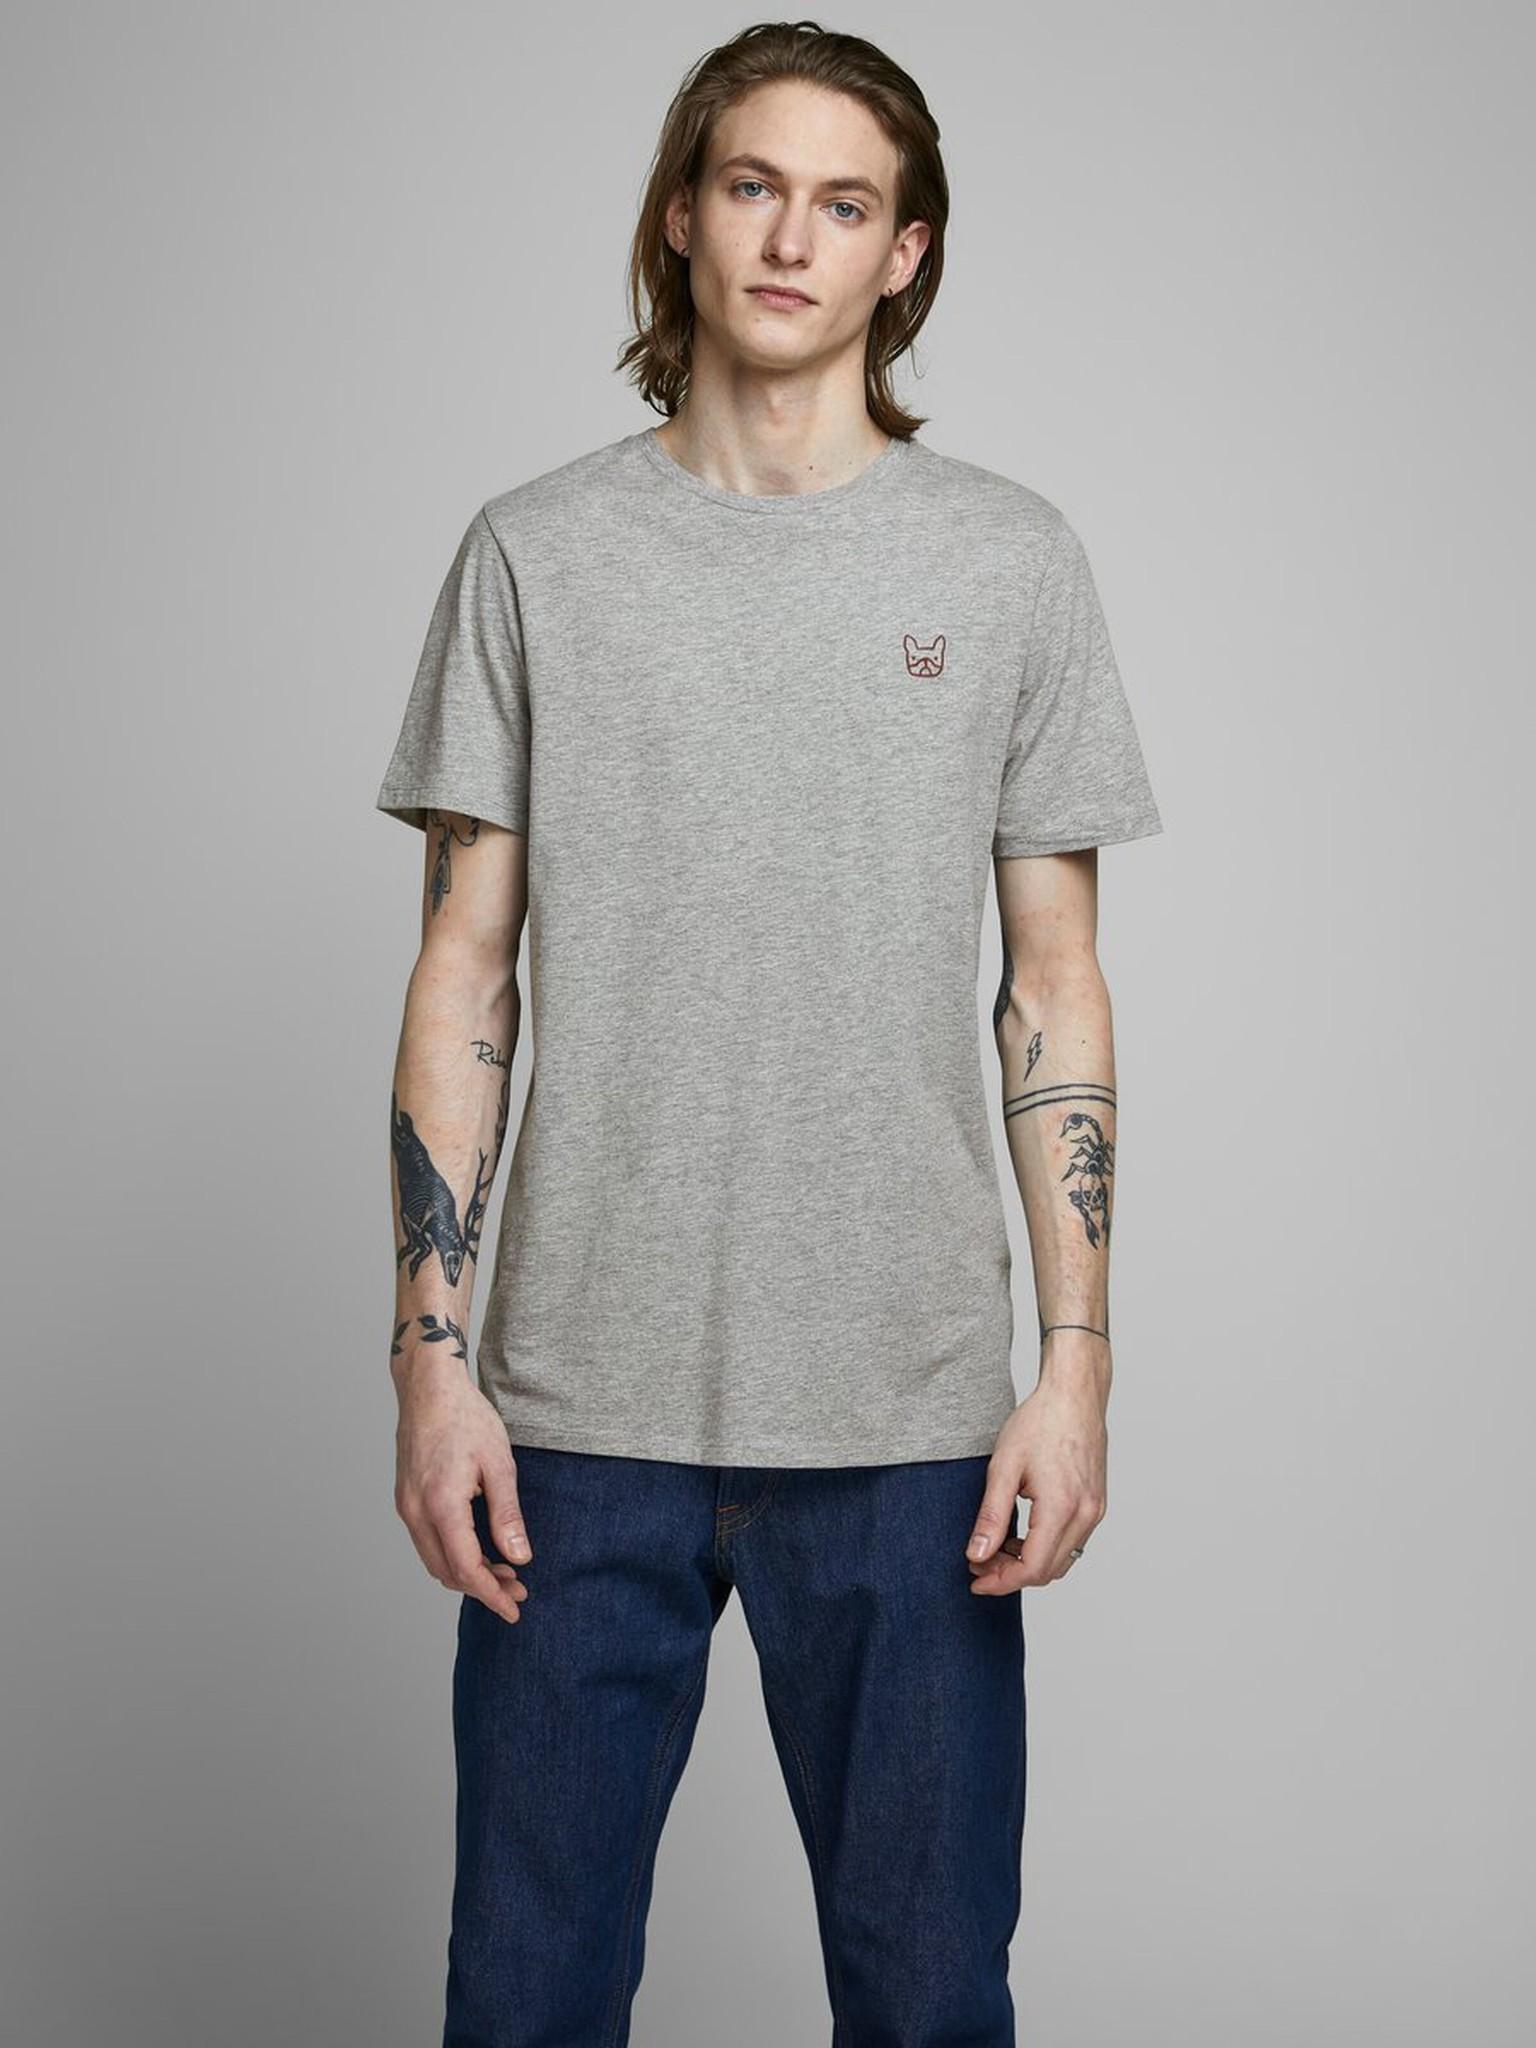 JACK & JONES coton biologique t shirt-11